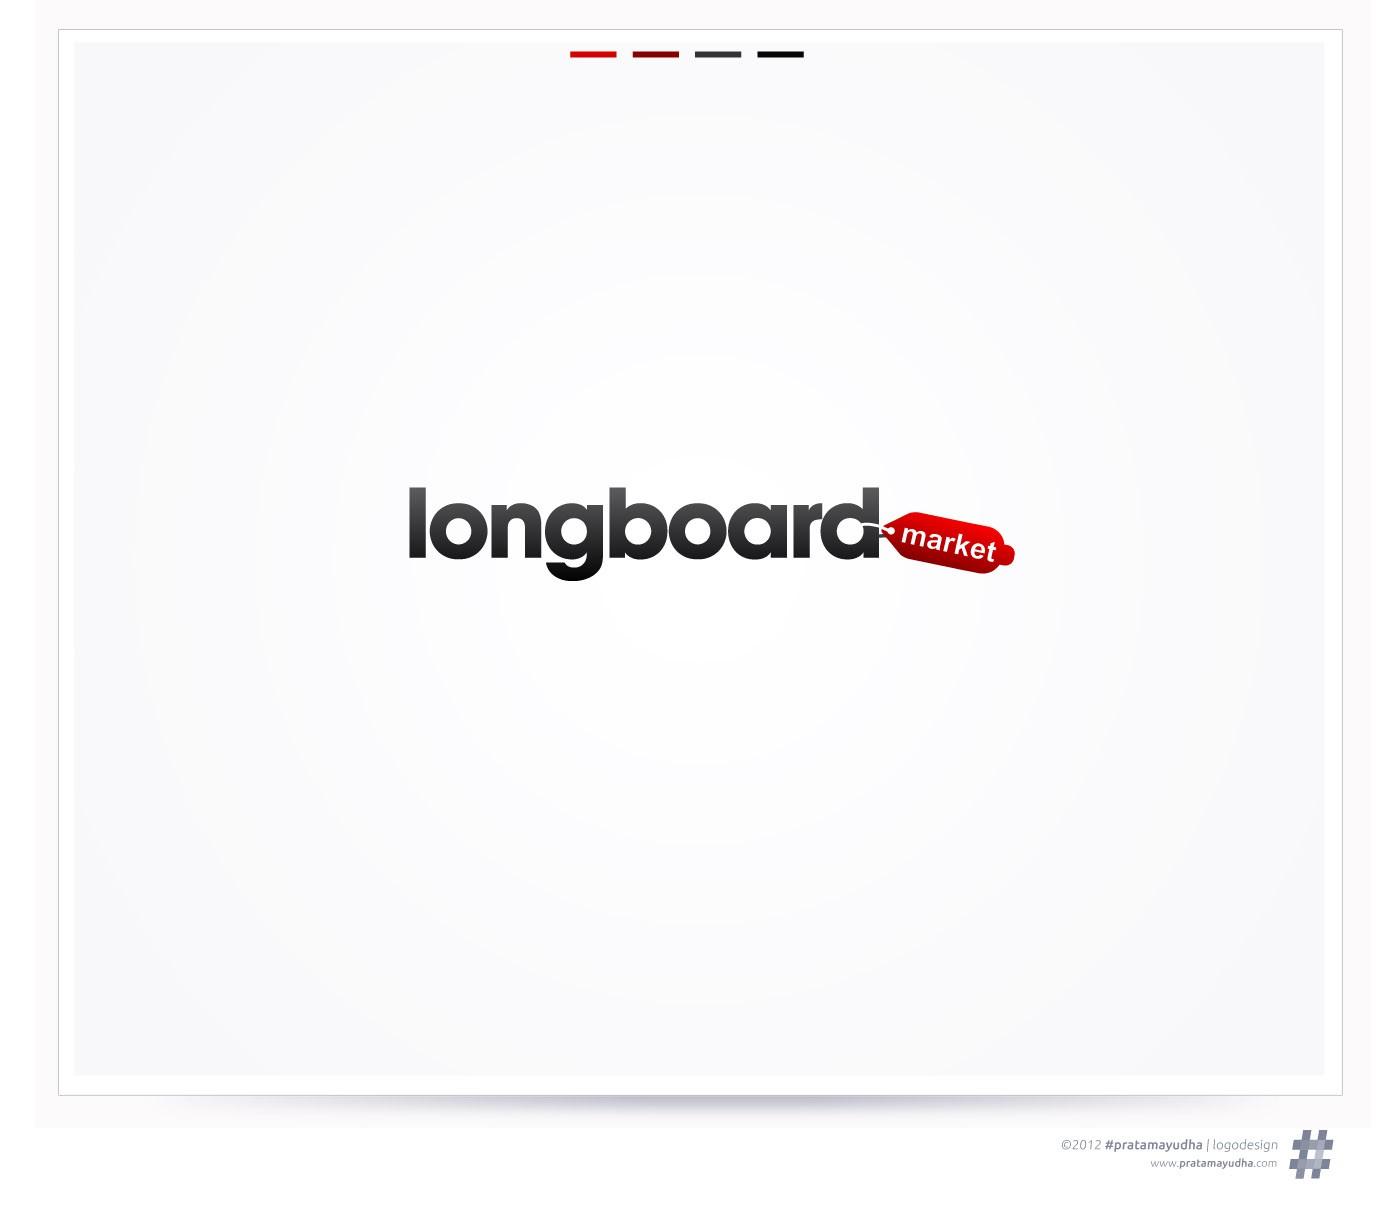 Longboard Market looking for fresh new logo